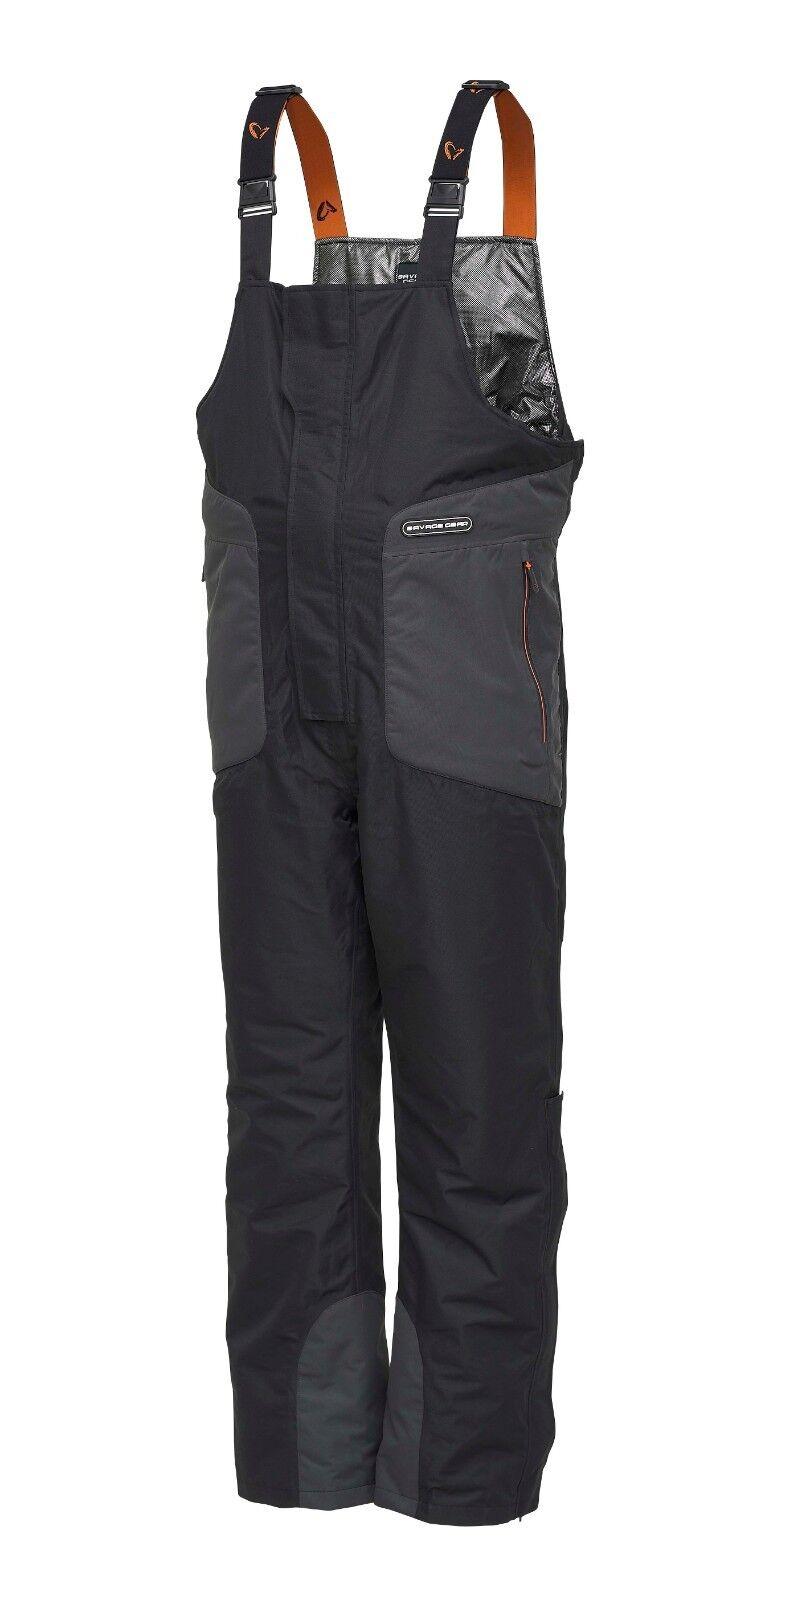 SAVAGE Gear heatlite Thermo BIB & BRACE Pantaloni Pesca Pike Zander Prossoatore A1